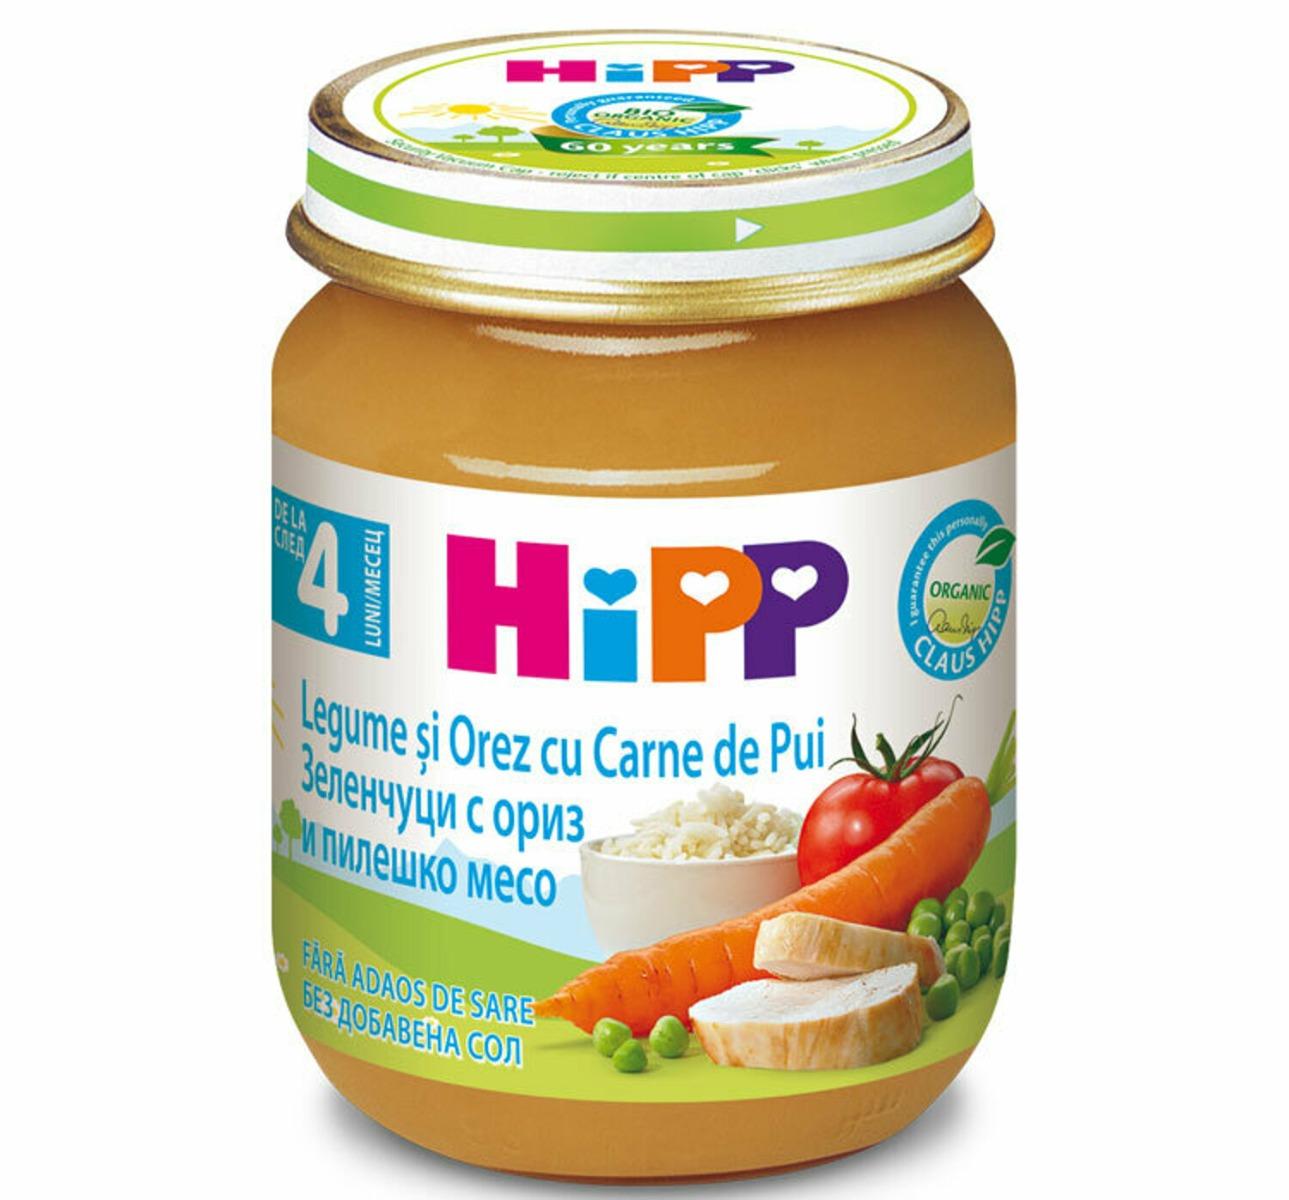 Legume cu orez si pui, incepand de la 4 luni, 125 g, HiPP drmax.ro